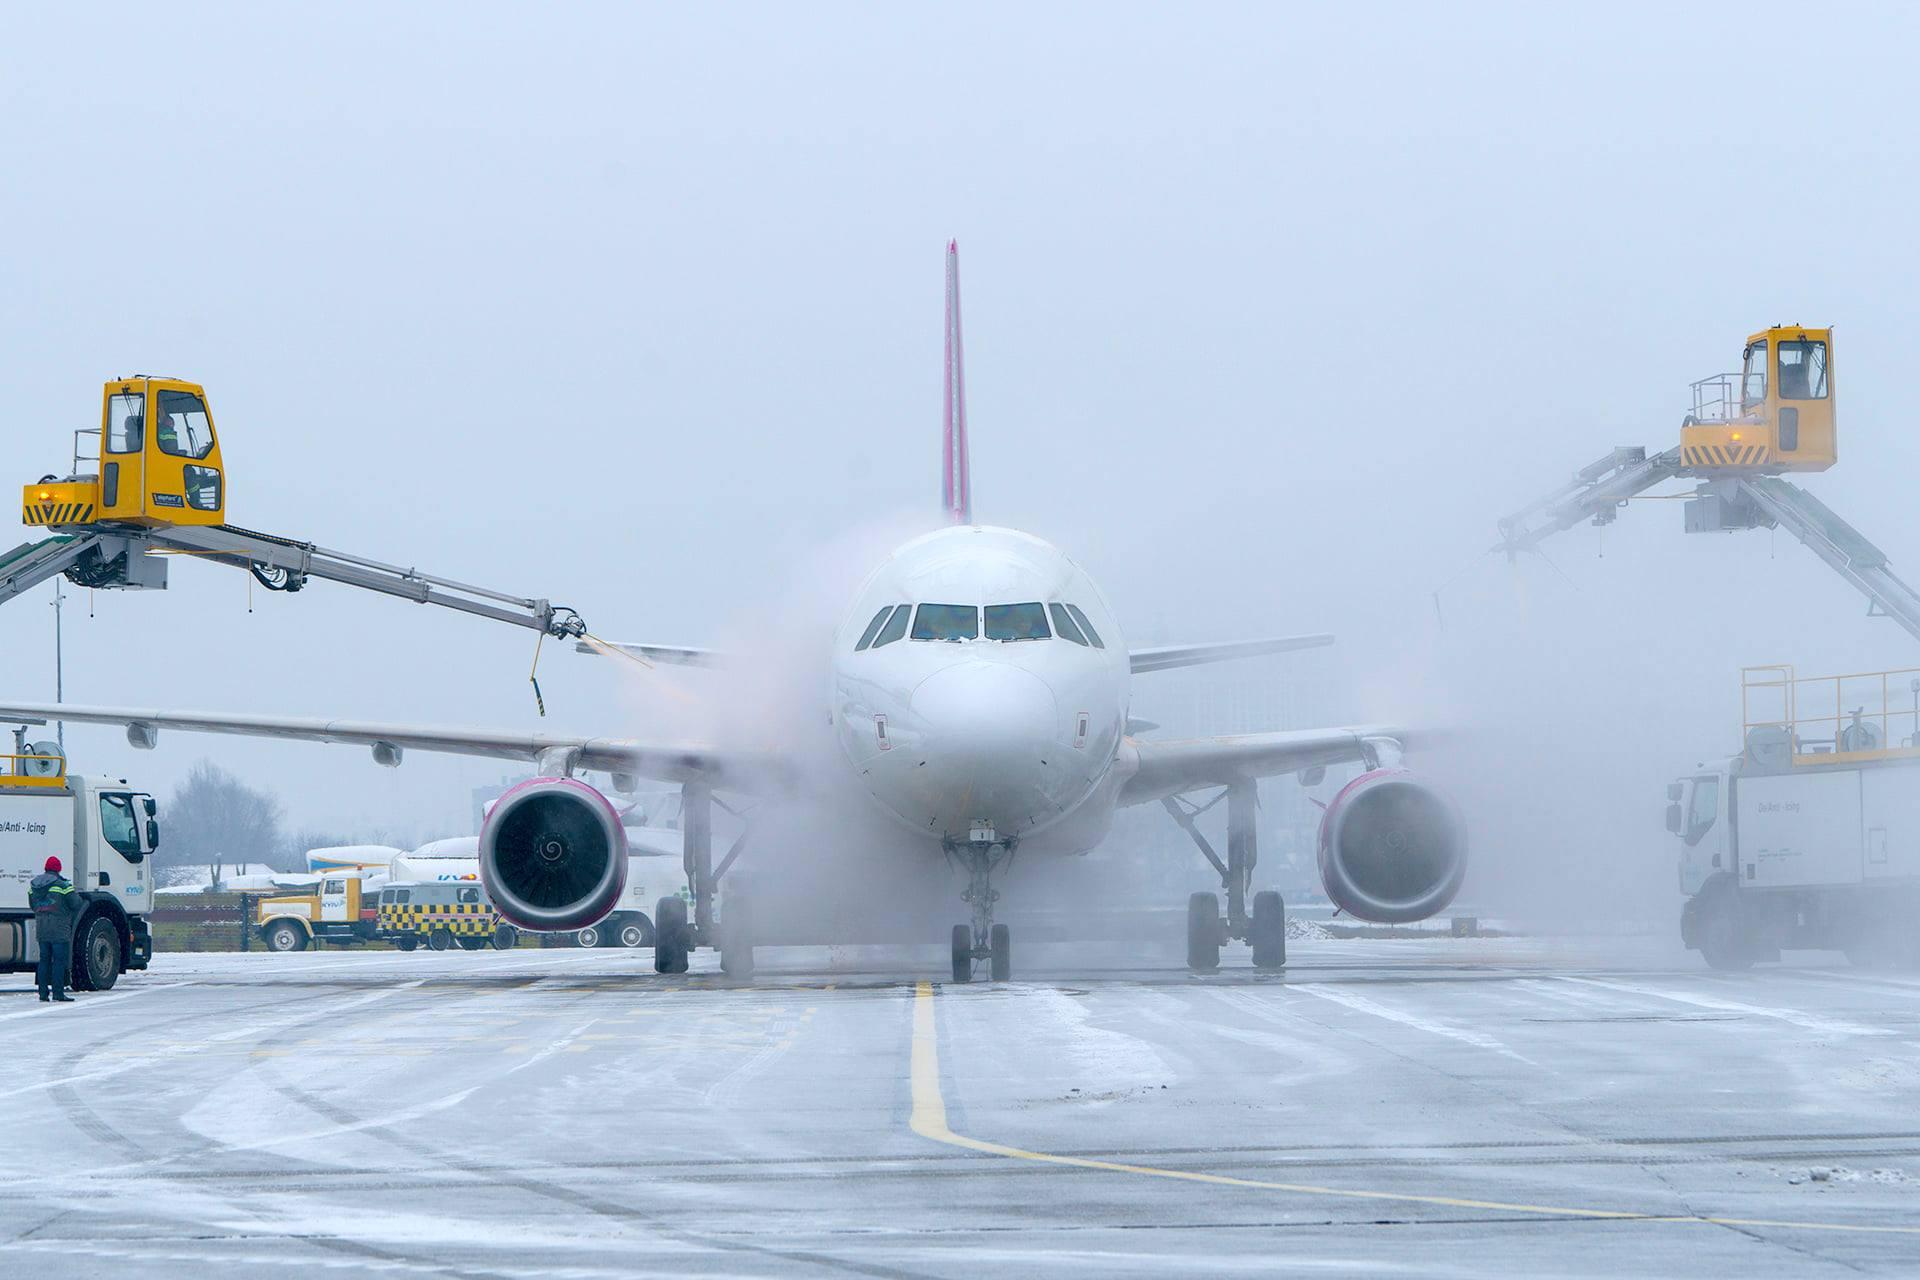 """Більше пасажирів: аеропорт «Київ» зможе приймати великі літаки - столиця, пасажири, літаки, аеропорт """"Київ"""", авіаперевізники - 140895047 1865603646911595 5688670791674193492 o"""